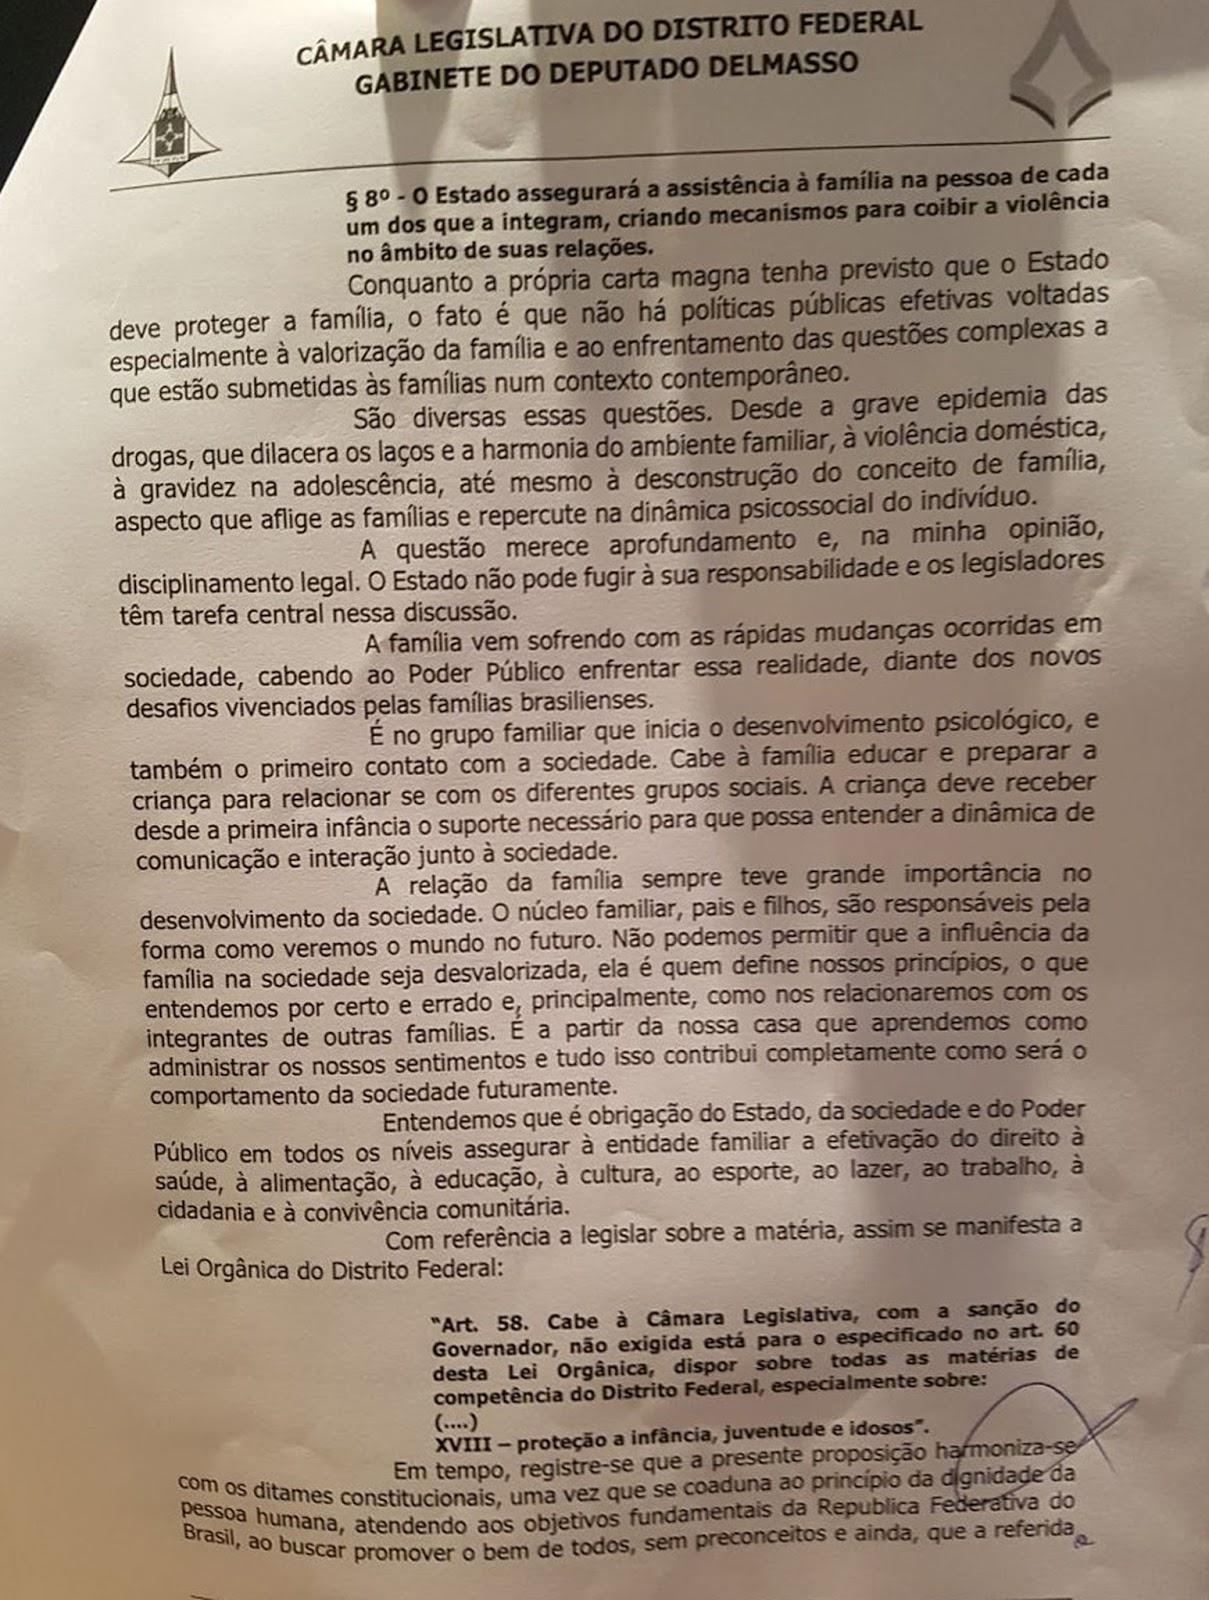 Câmara derruba decreto que regulamenta lei que pune LGBTfobia no DF